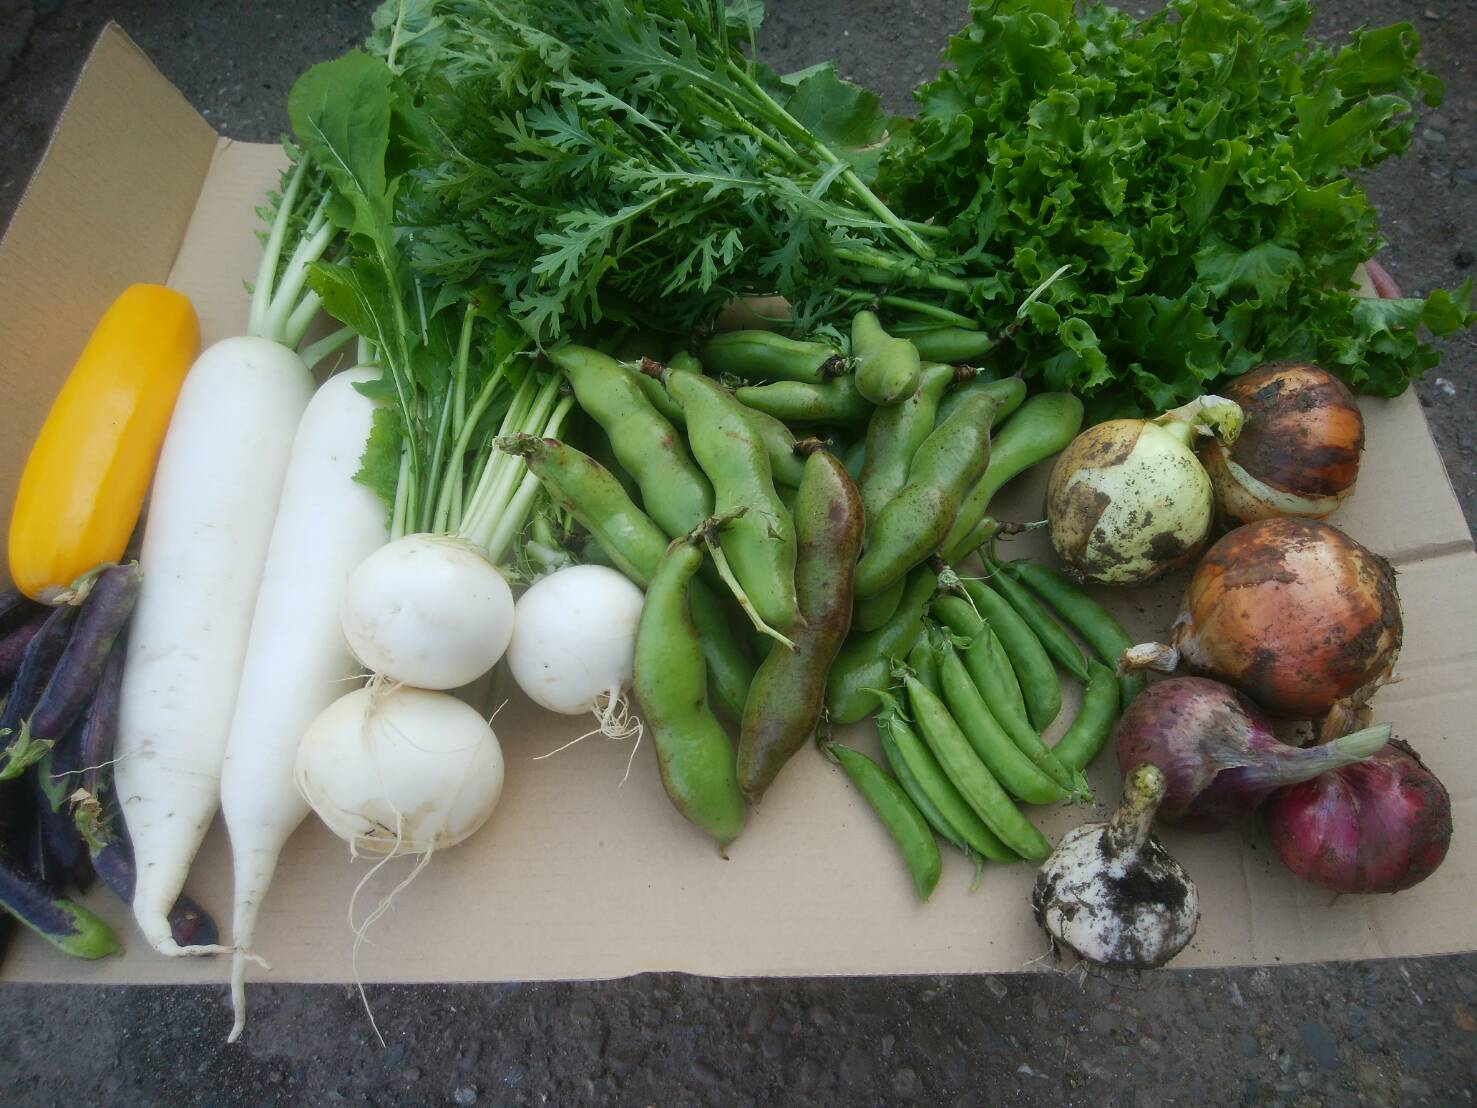 【ふるさと納税】農薬をいっさい使わず栽培した季節の野菜定期便(6回コース) nh-03